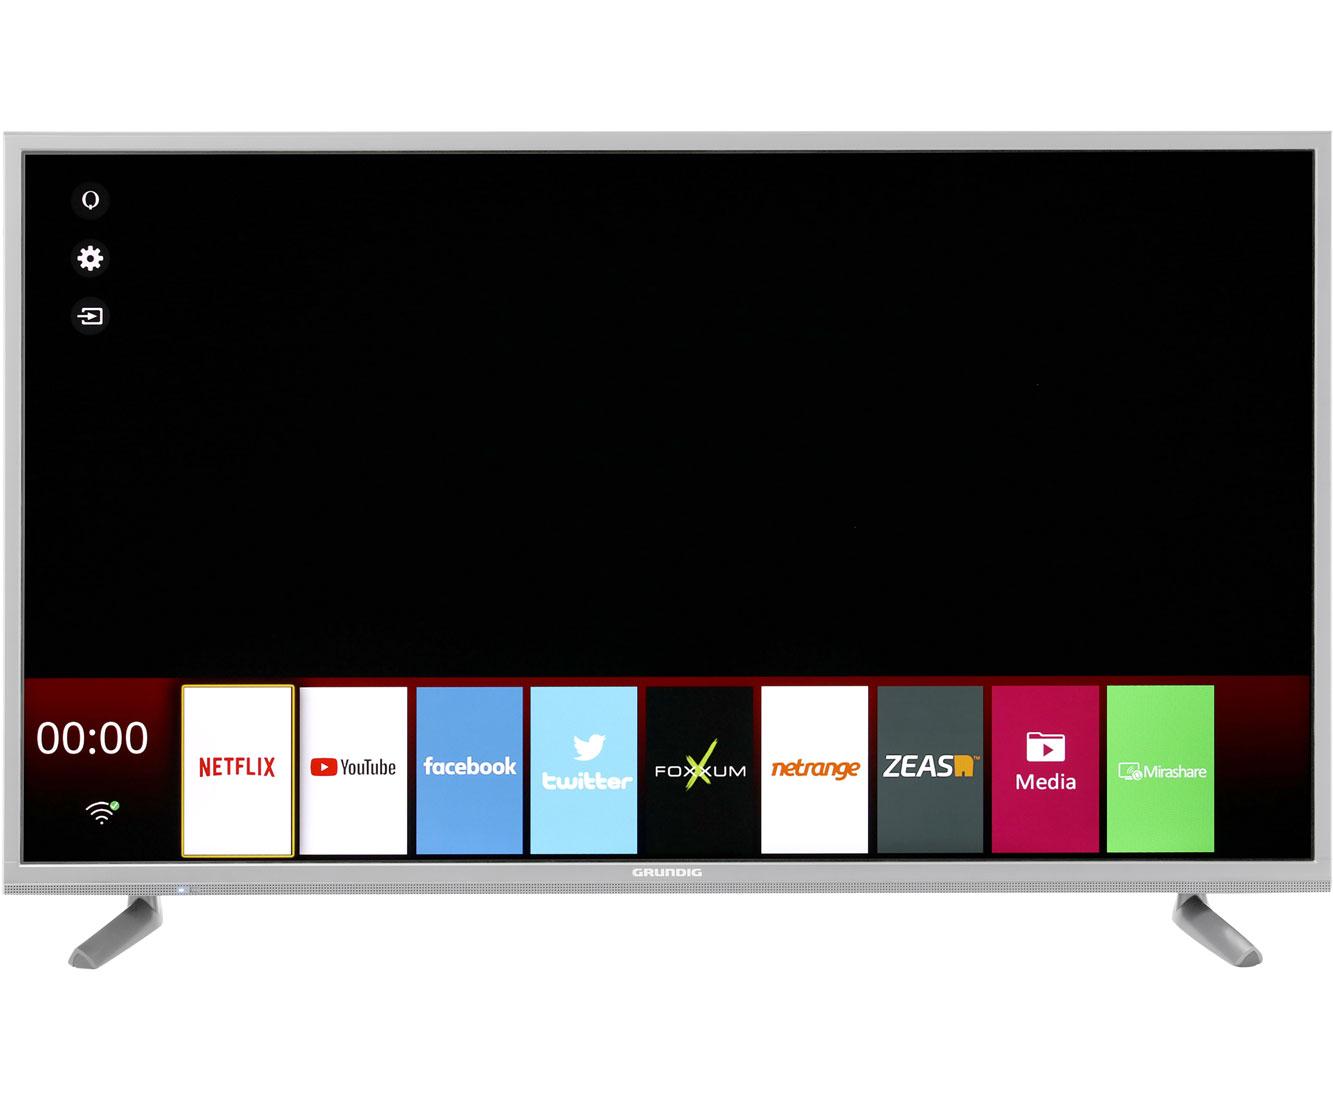 Grundig Vision 8 43 GUT 8960 Fernseher - Anthrazit